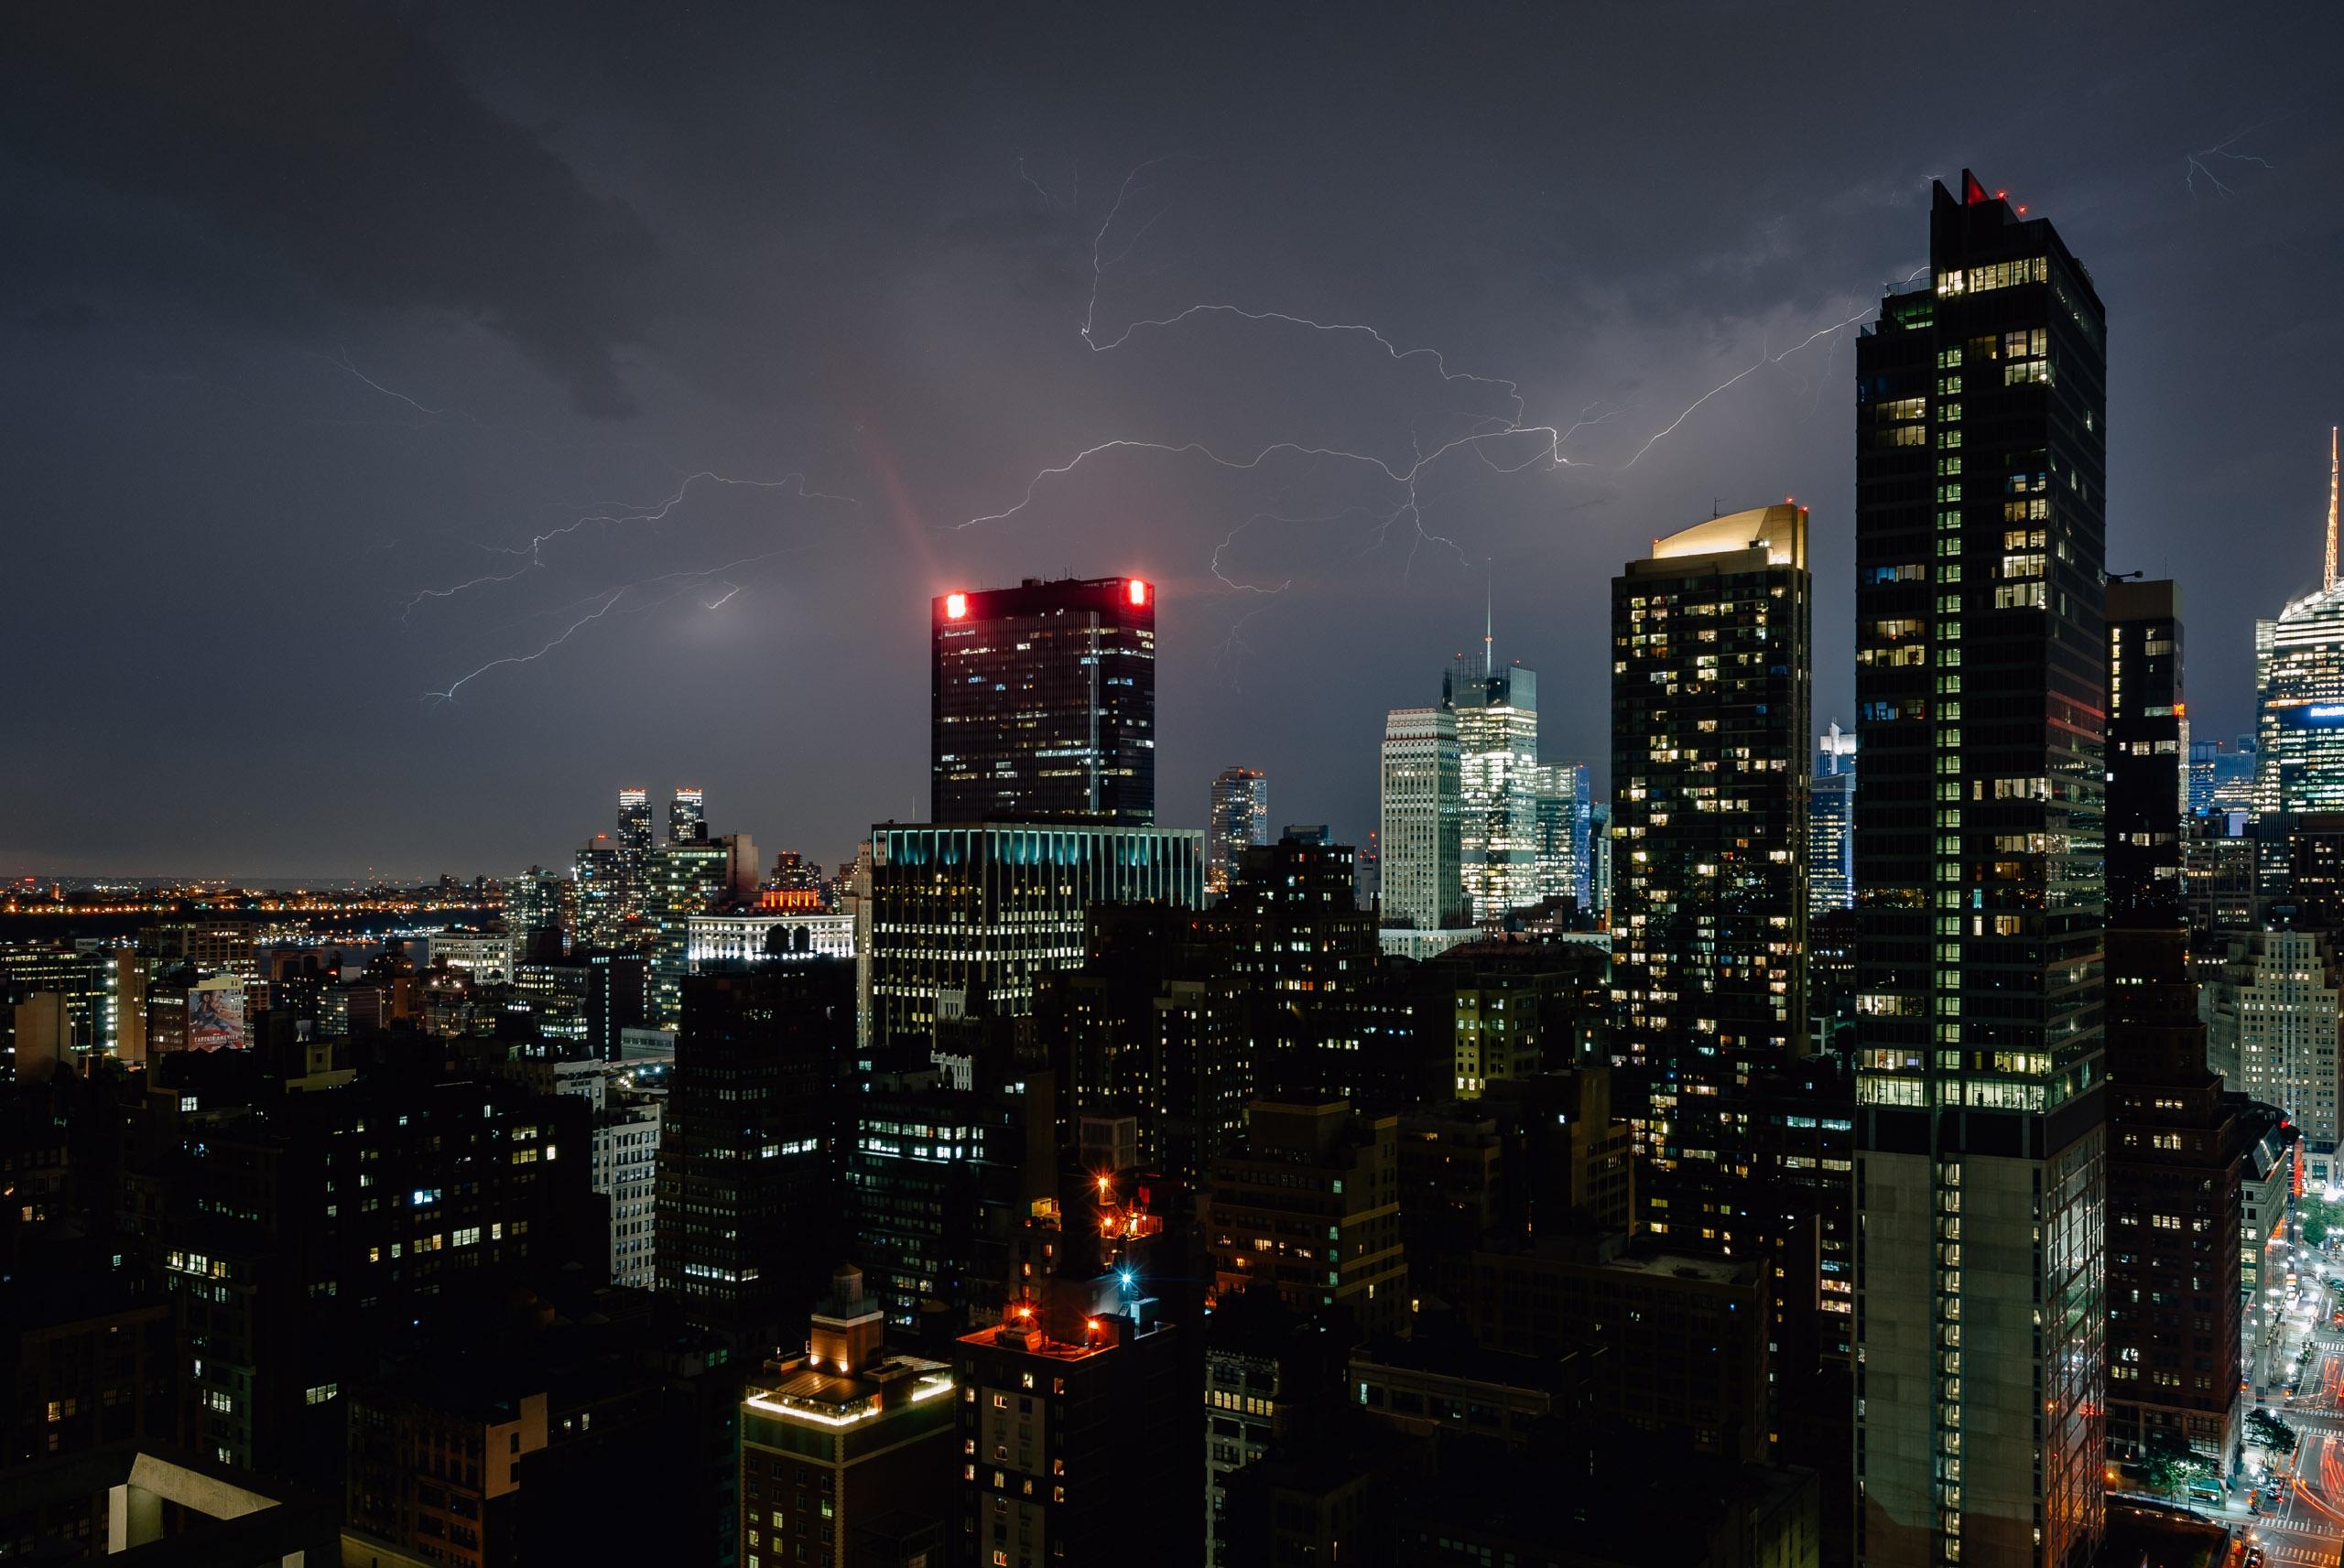 Lightning over New York City - 2011-0818-KPK_0230